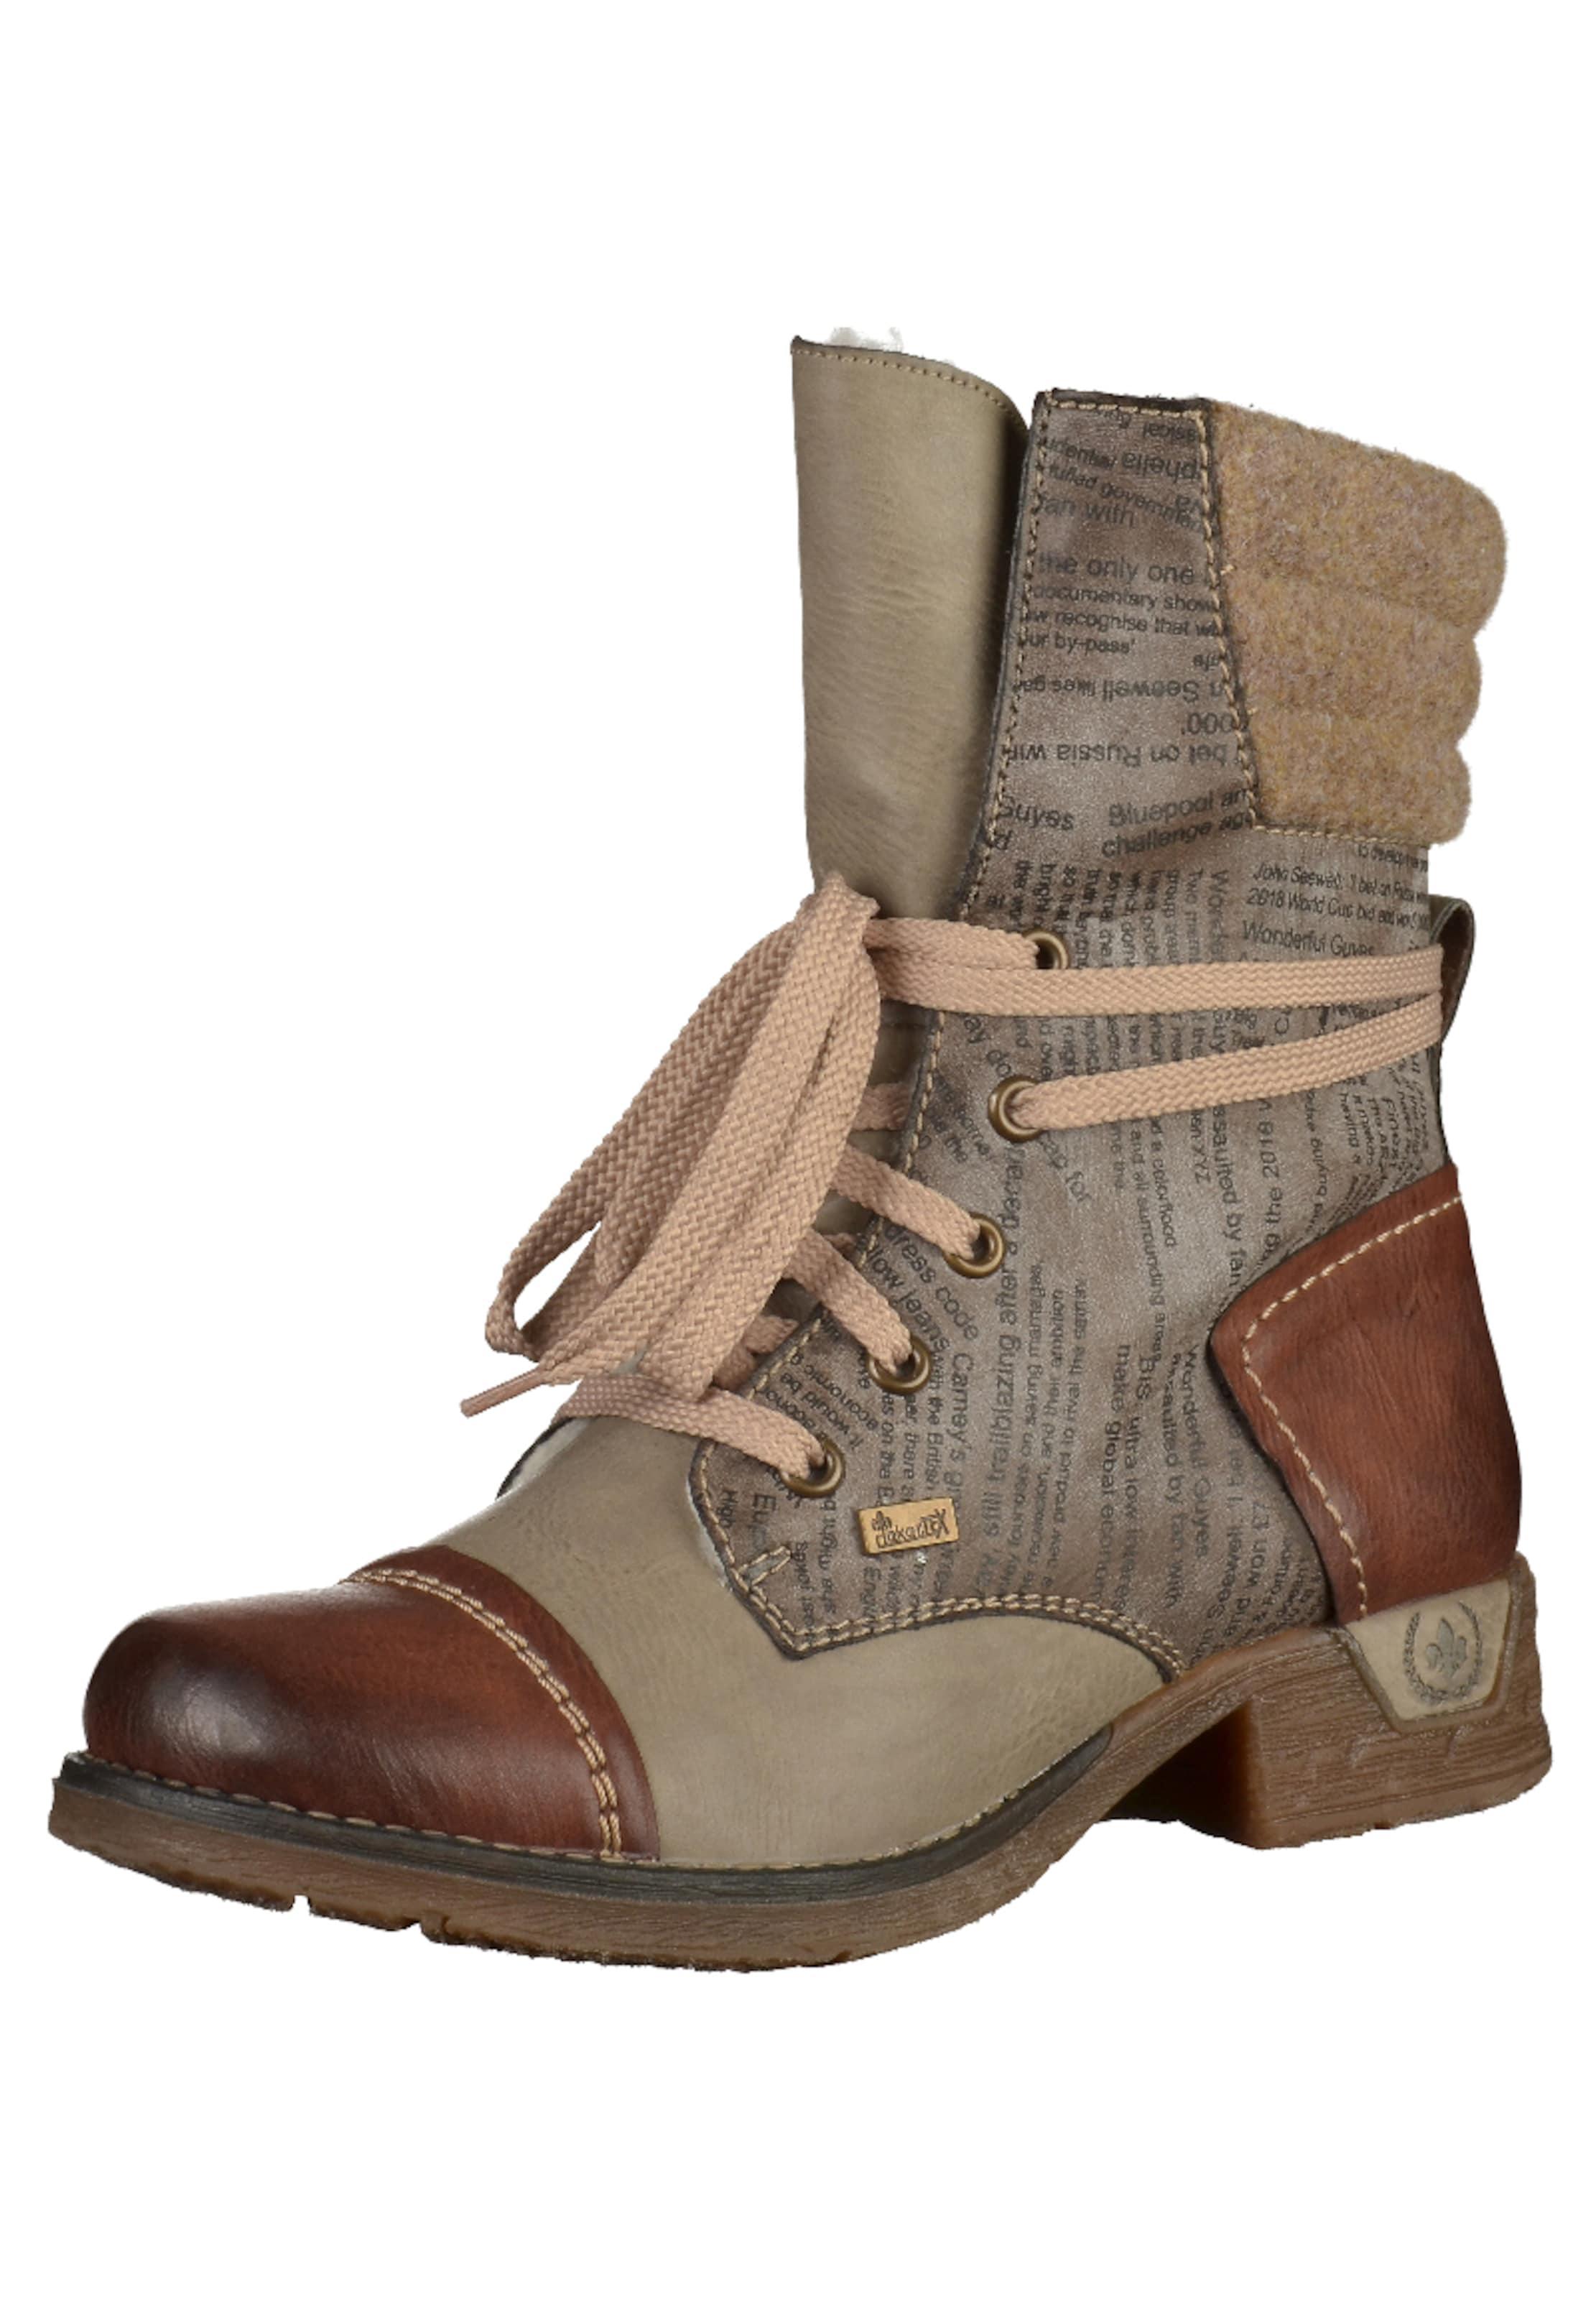 RIEKER Stiefelette Verschleißfeste Schuhe billige Schuhe Verschleißfeste Hohe Qualität 0891ef